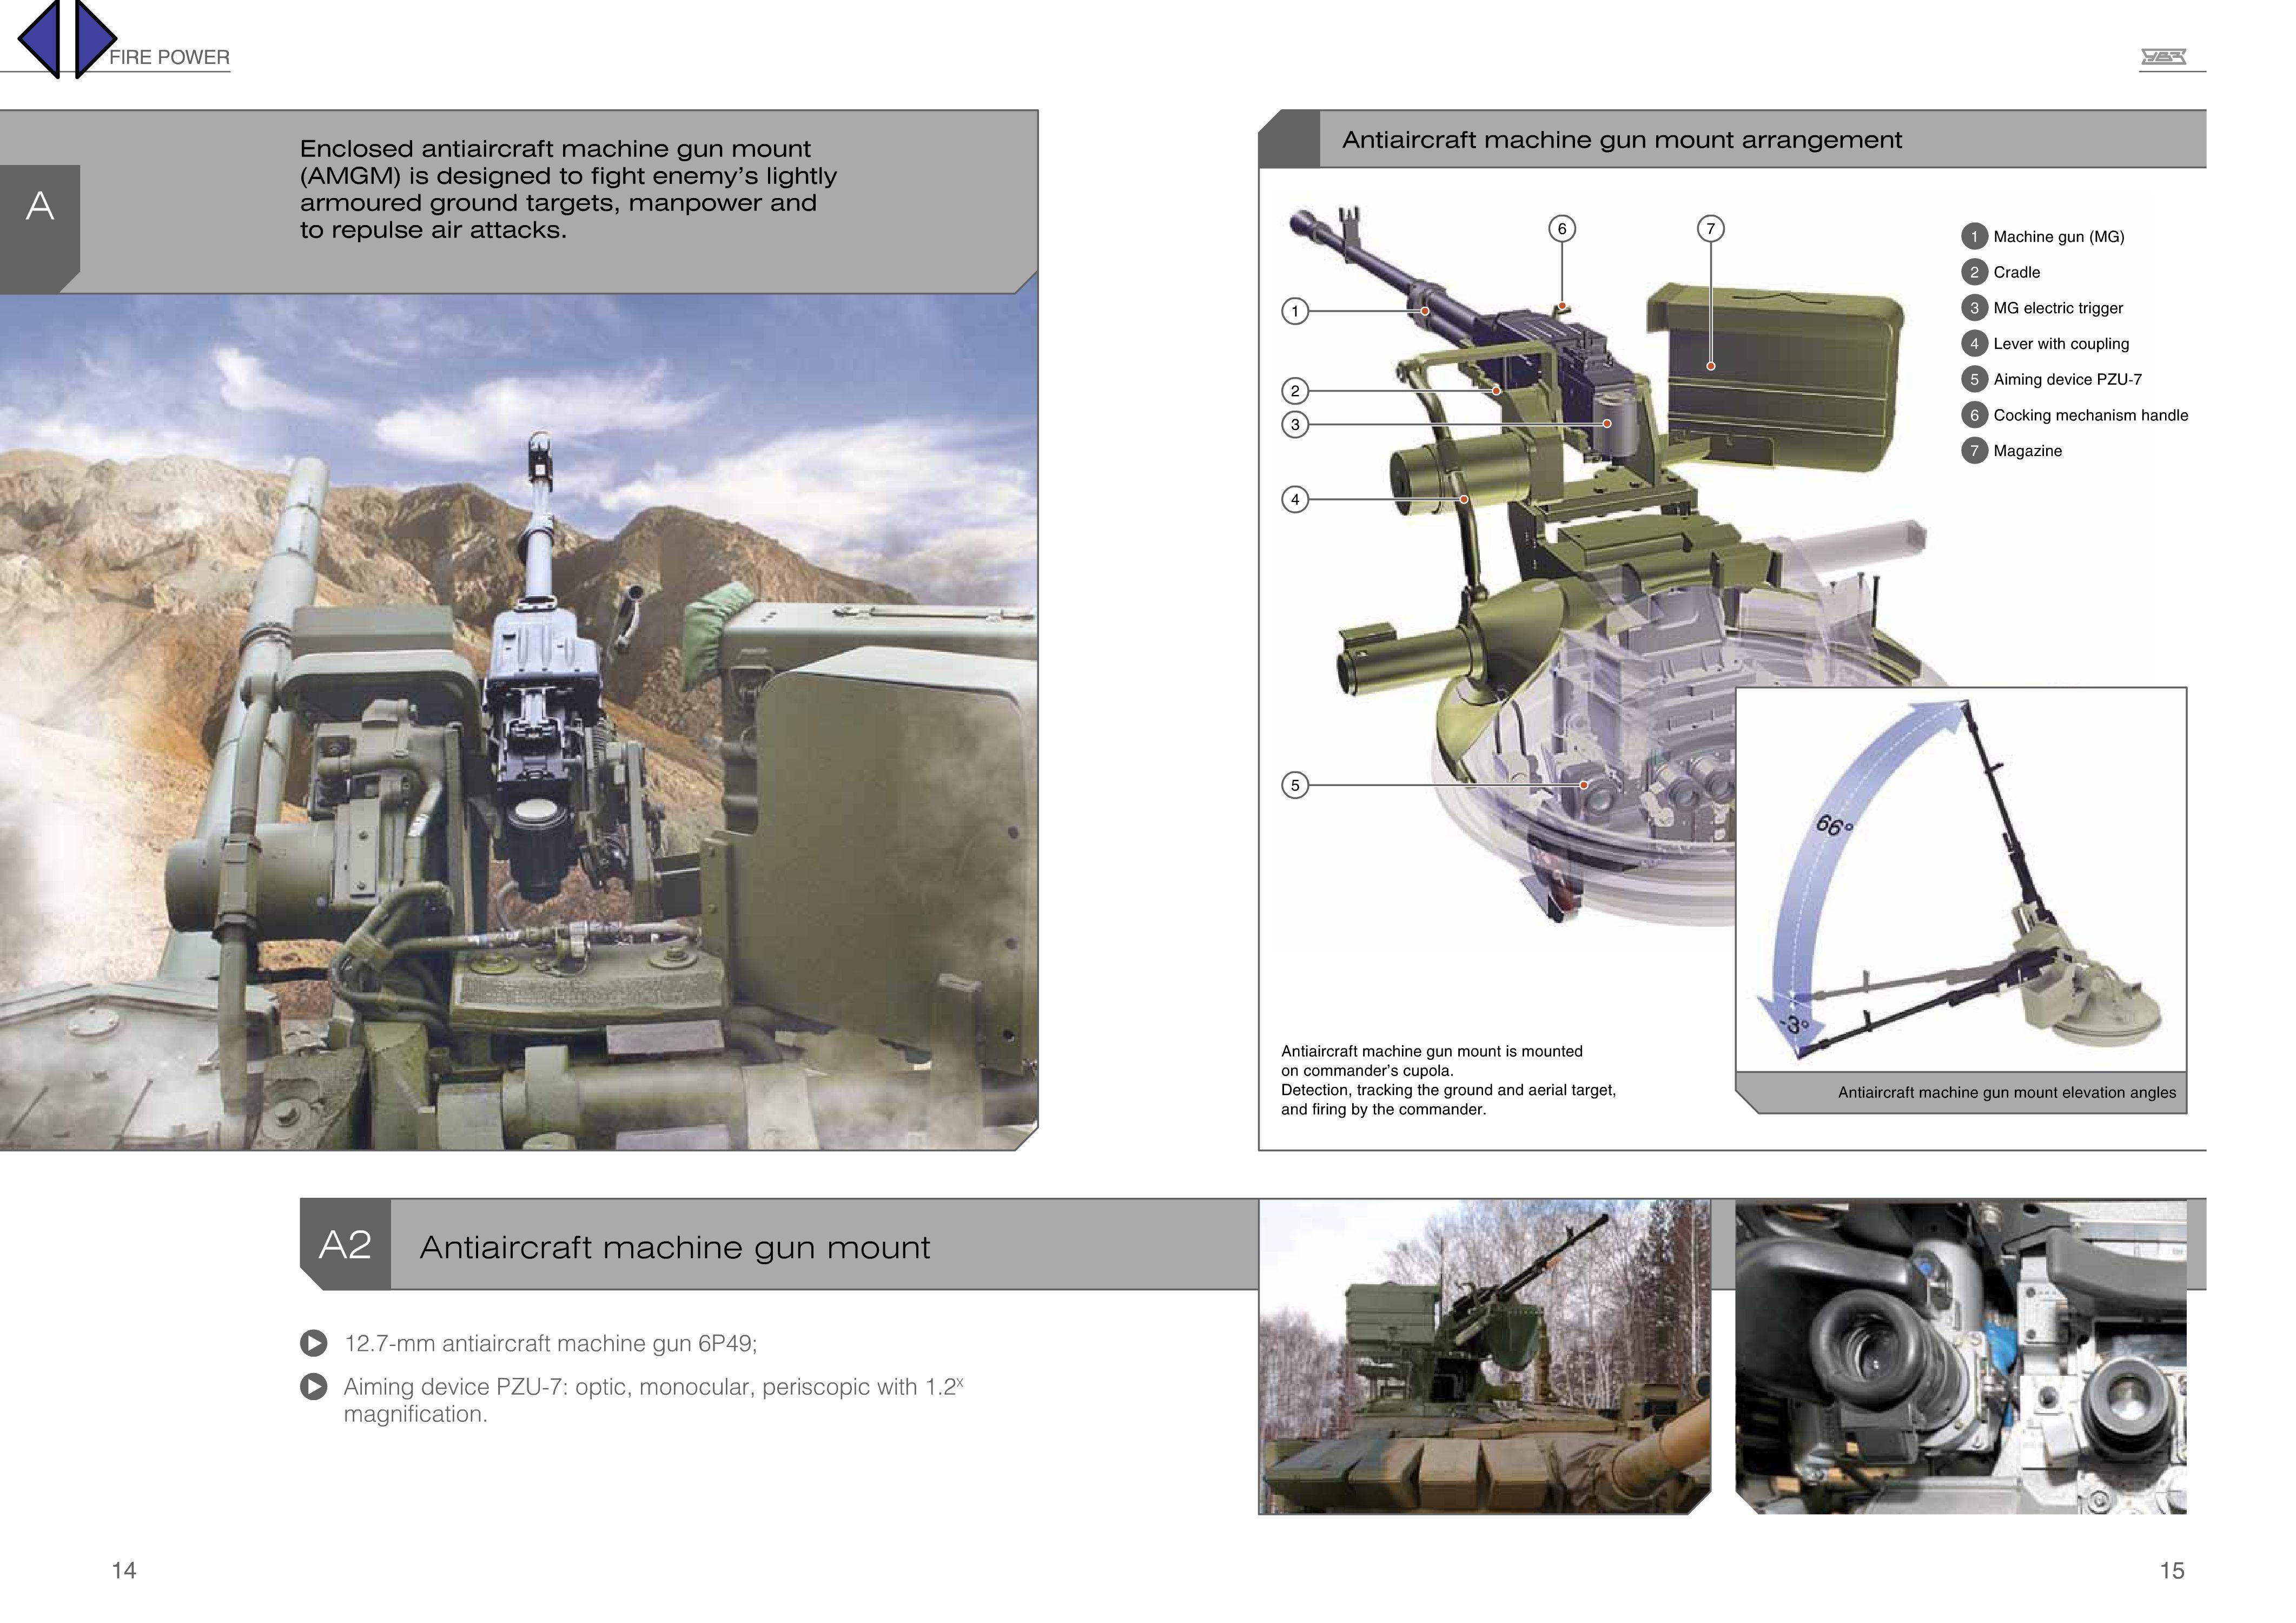 التطوير T-72M1 للجزائر يتفوق على نظيره المقدم للجيش الروسي  701039266